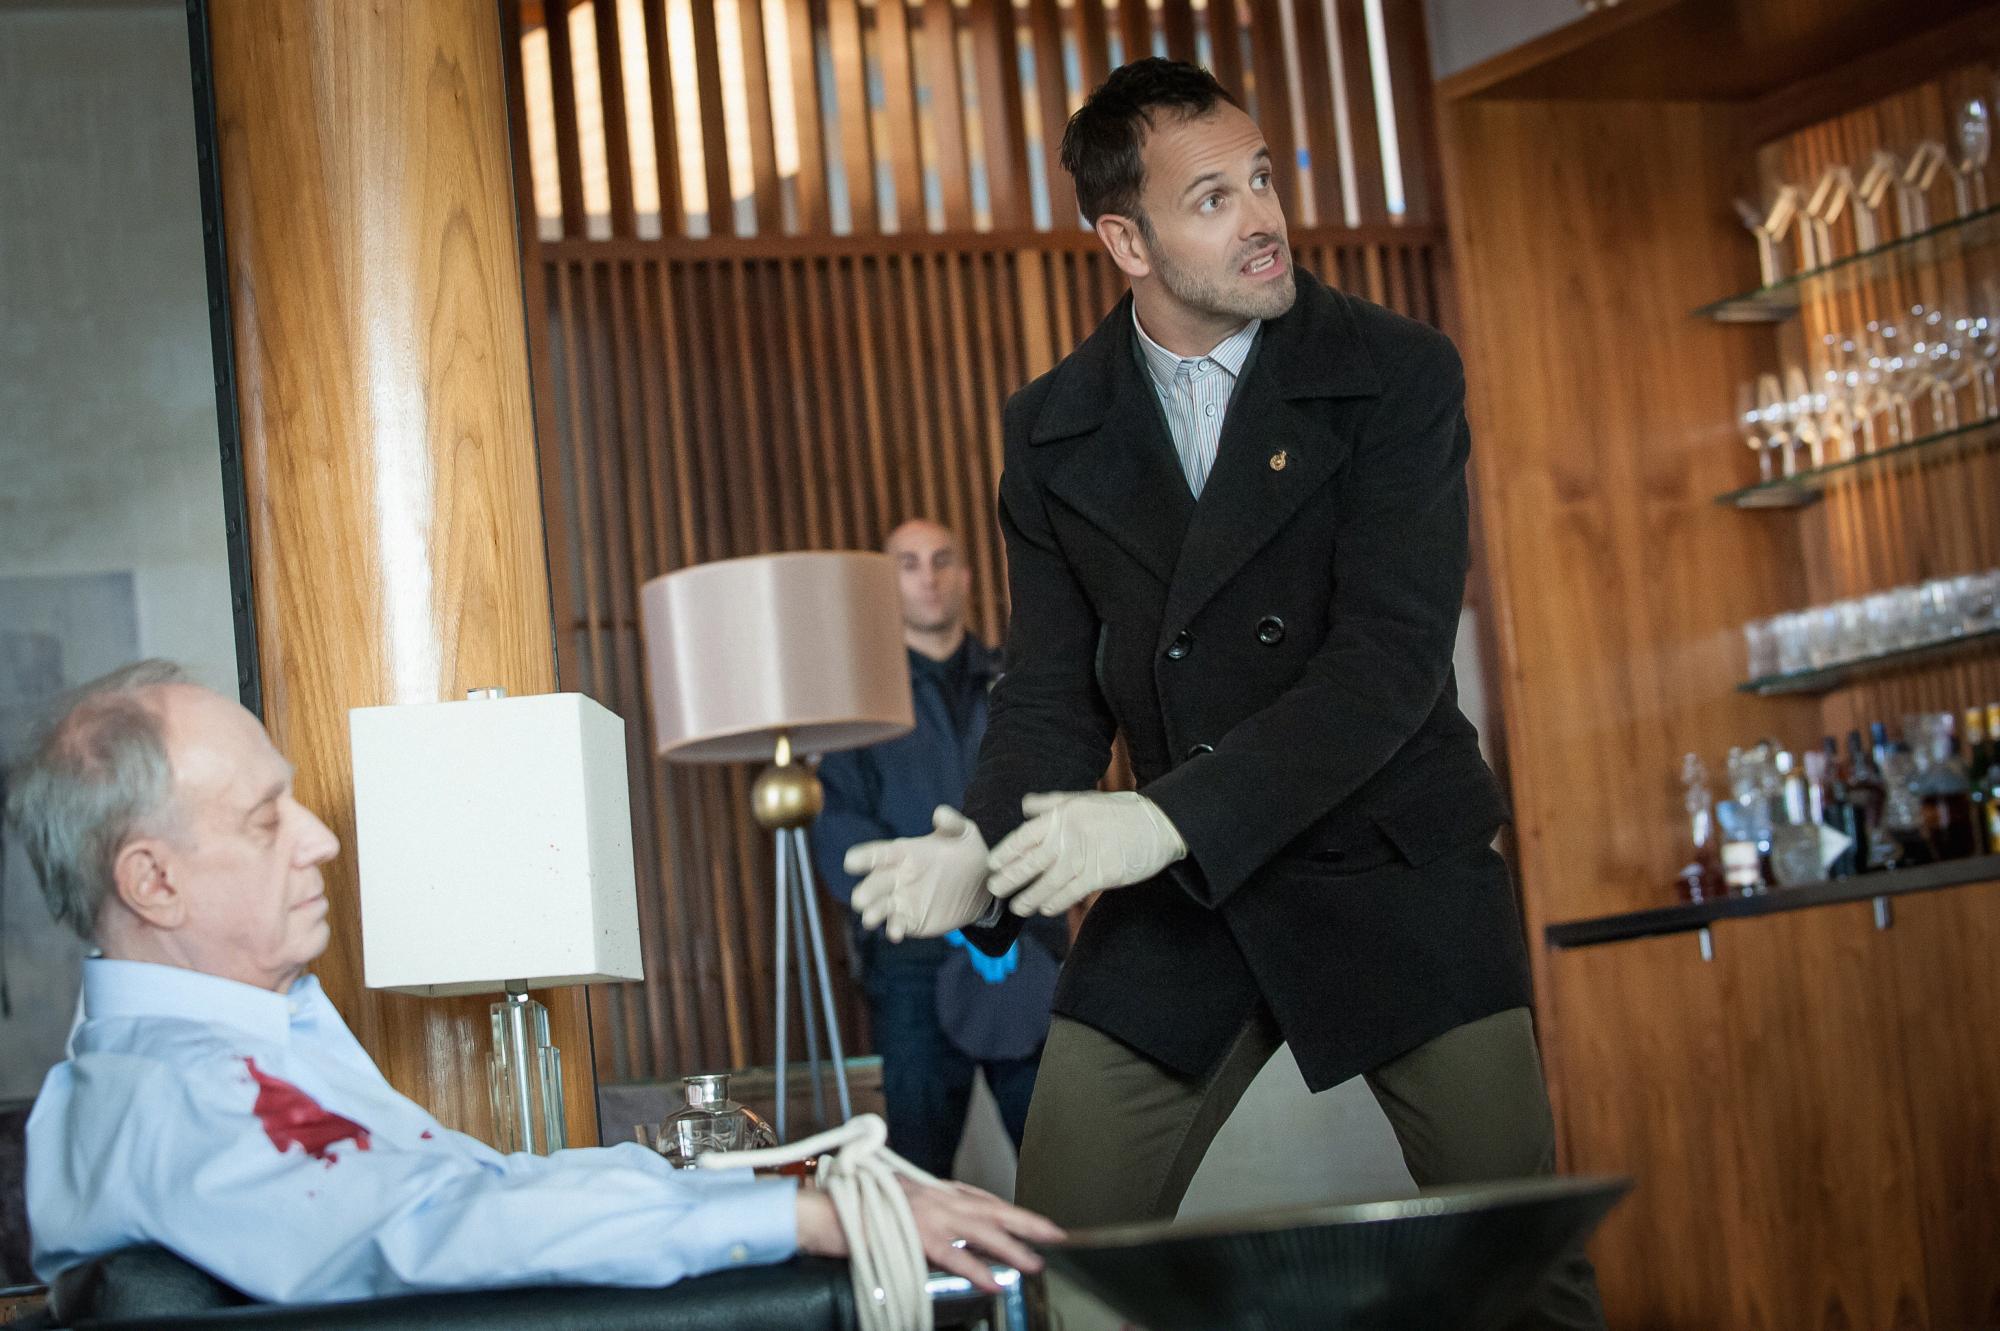 Holmes investigates the murder